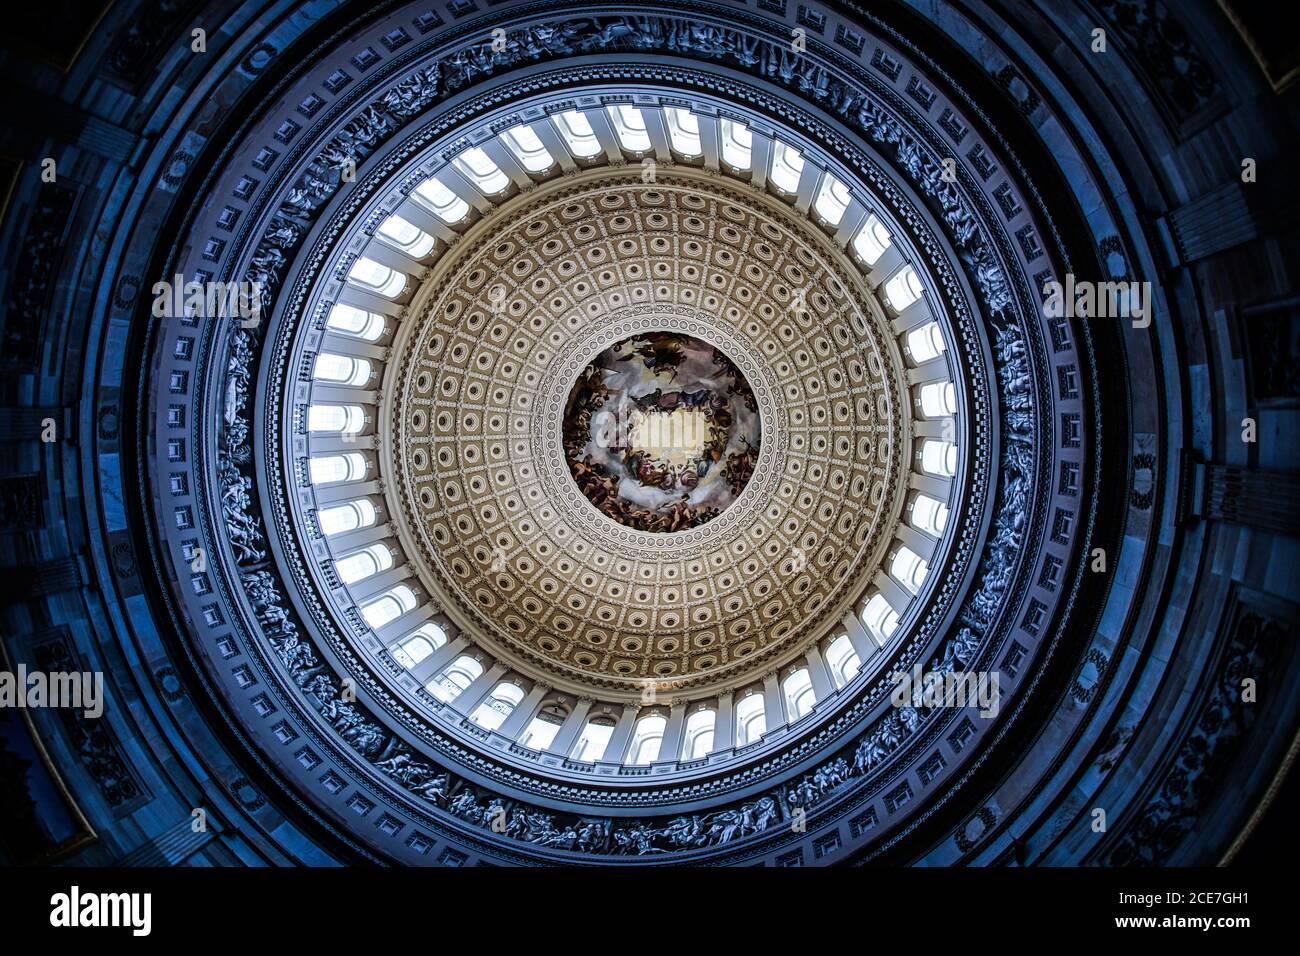 Pintura del techo del Capitolio de los Estados Unidos (Capitolio de los Estados Unidos) Foto de stock